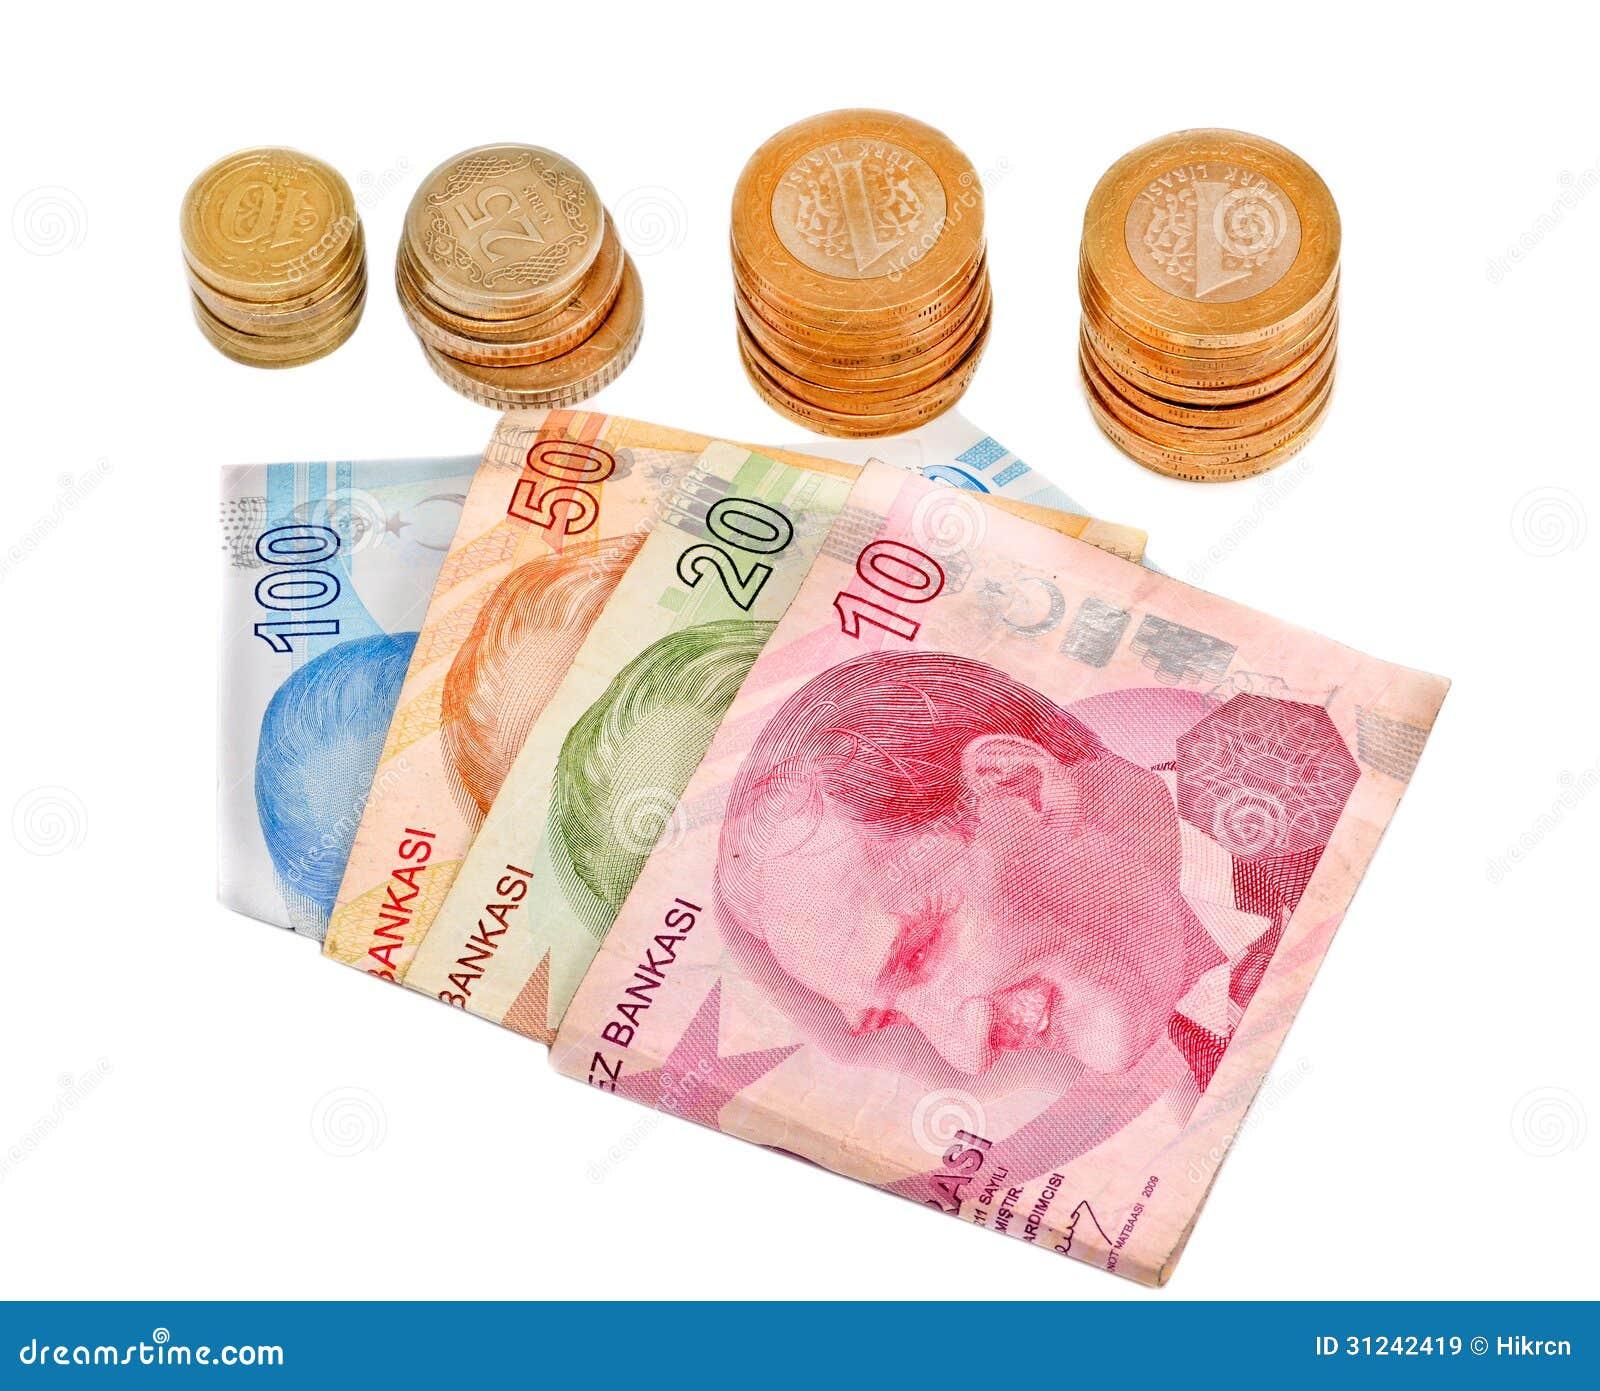 guadagna soldi su internet business del futuro